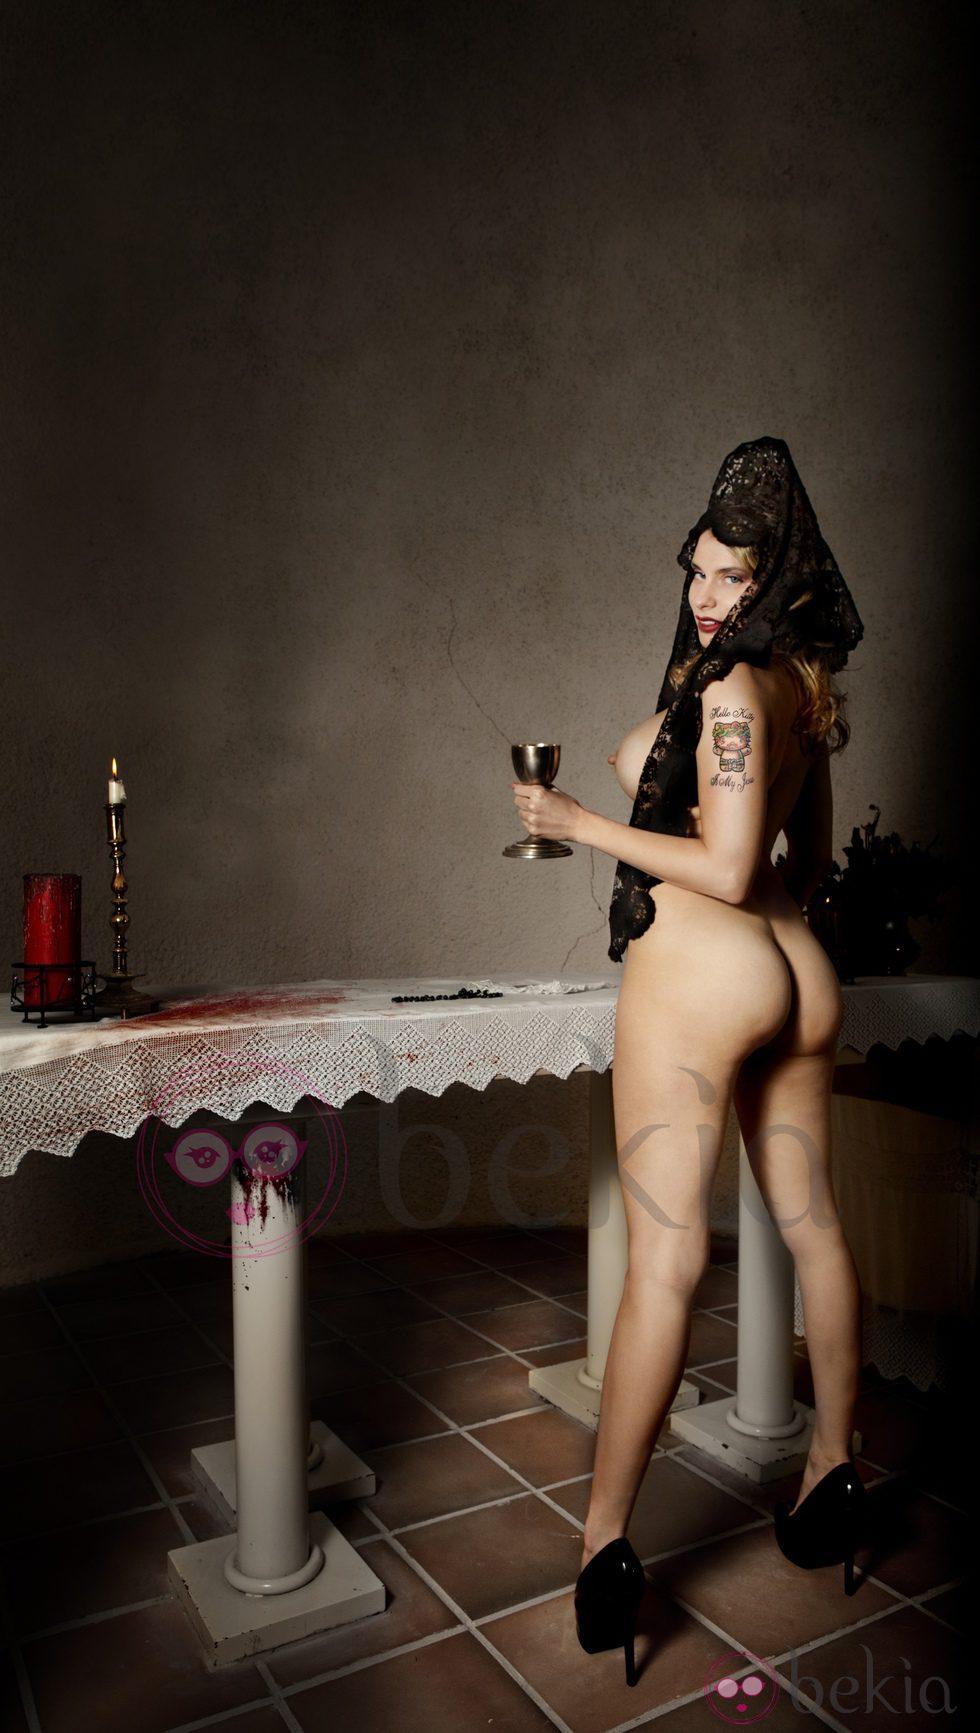 María Lapiedra posando desnuda luciendo únicamente una mantilla negra